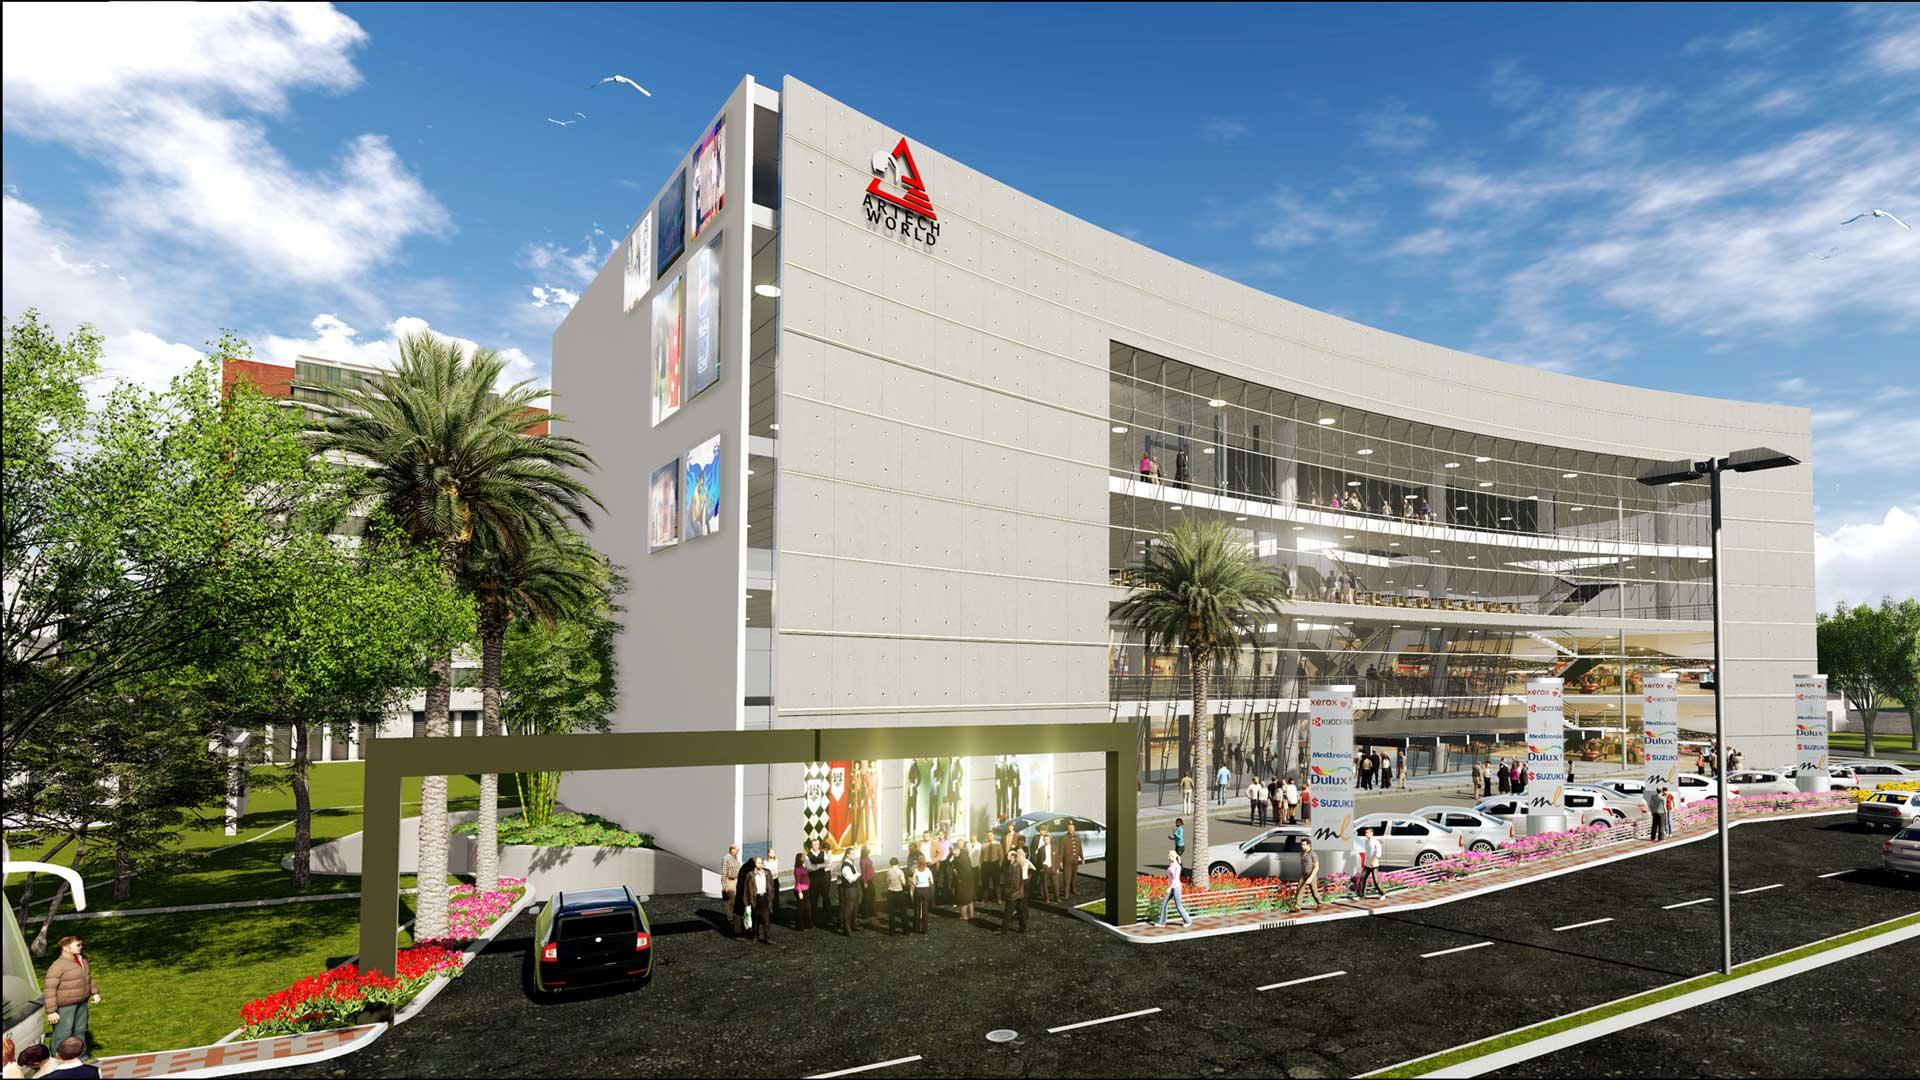 artech mall